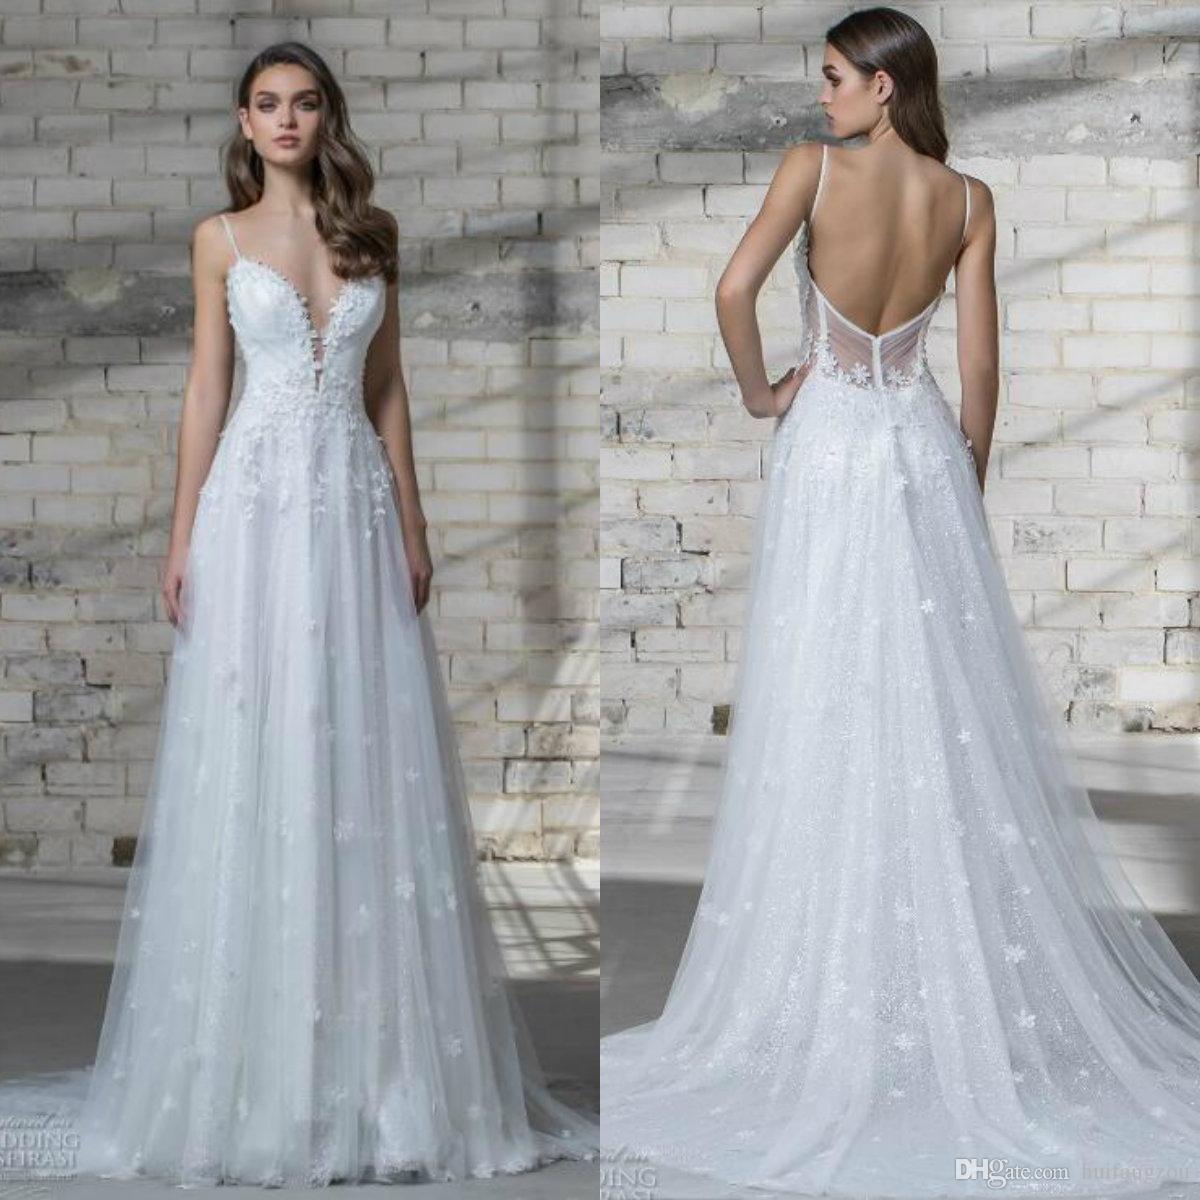 Pnina Tornai Wedding Dresses 2019: Acquista Pnina Tornai 2019 Abito Da Sposa Bianco Sexy